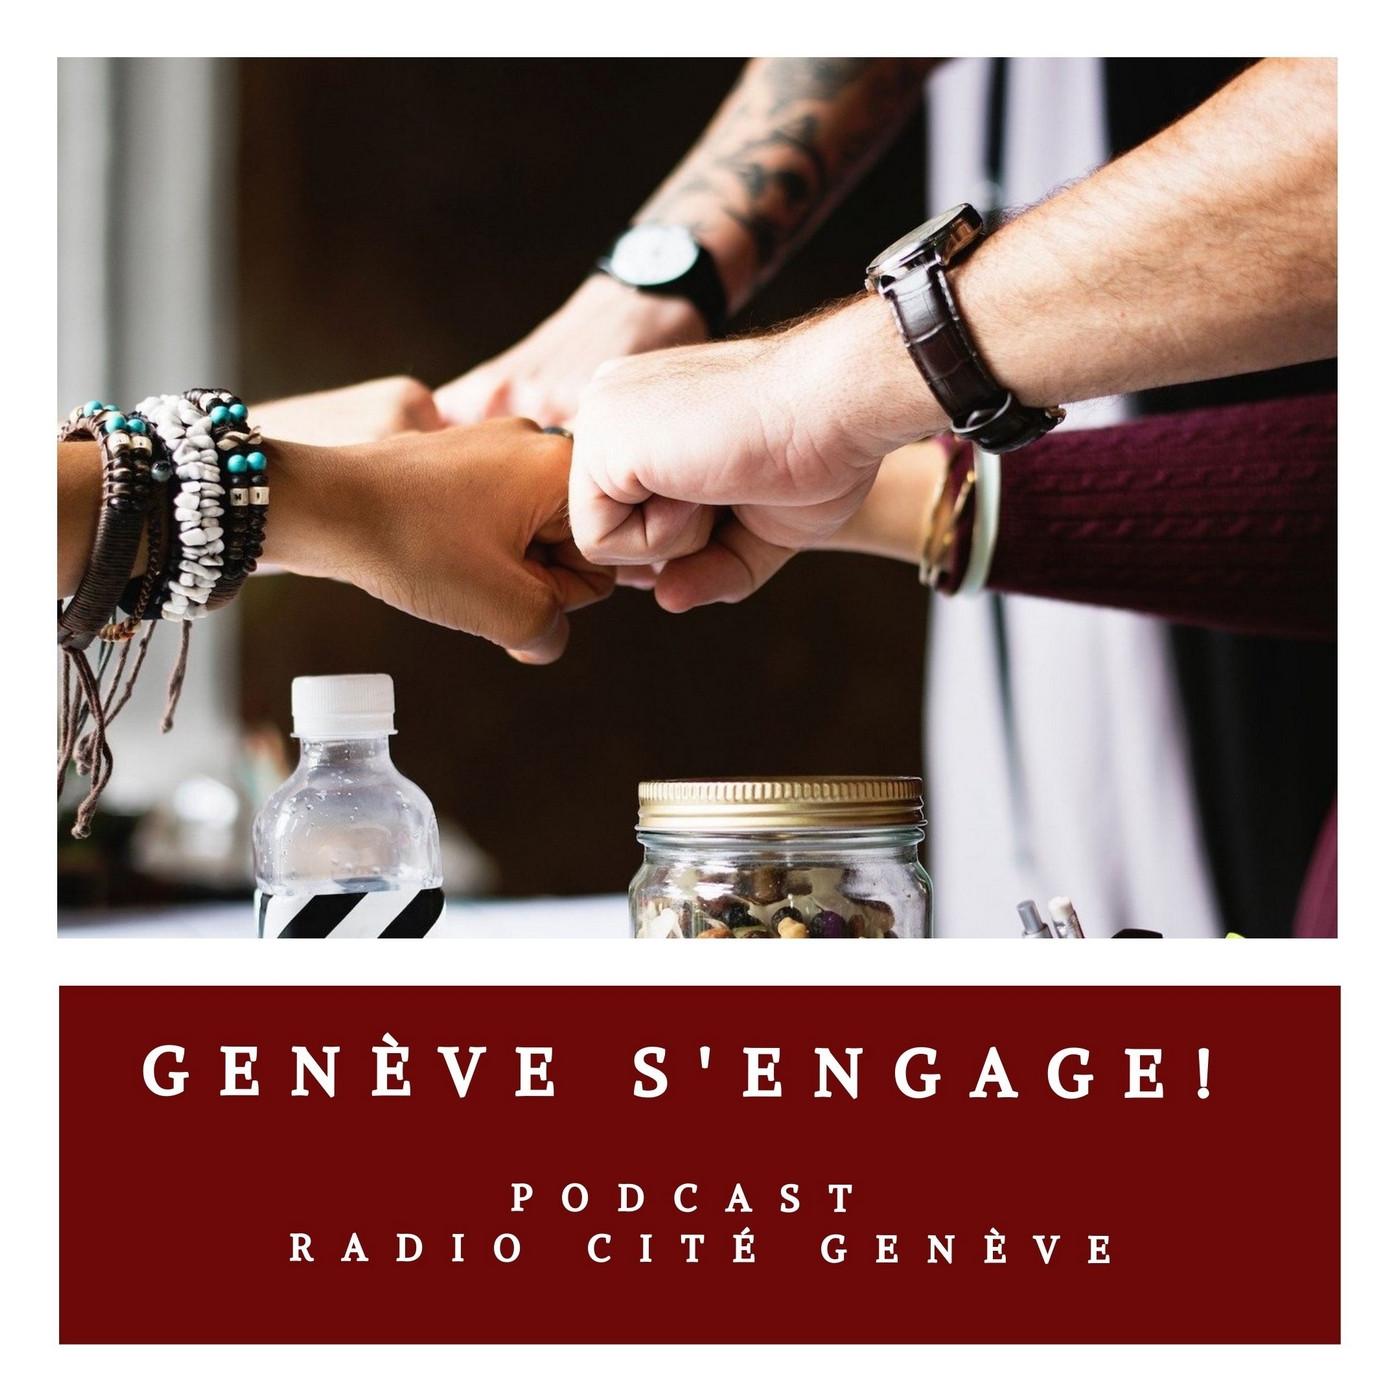 16/10/2020 - Genève s'engage pour la promotion de la littérature romande